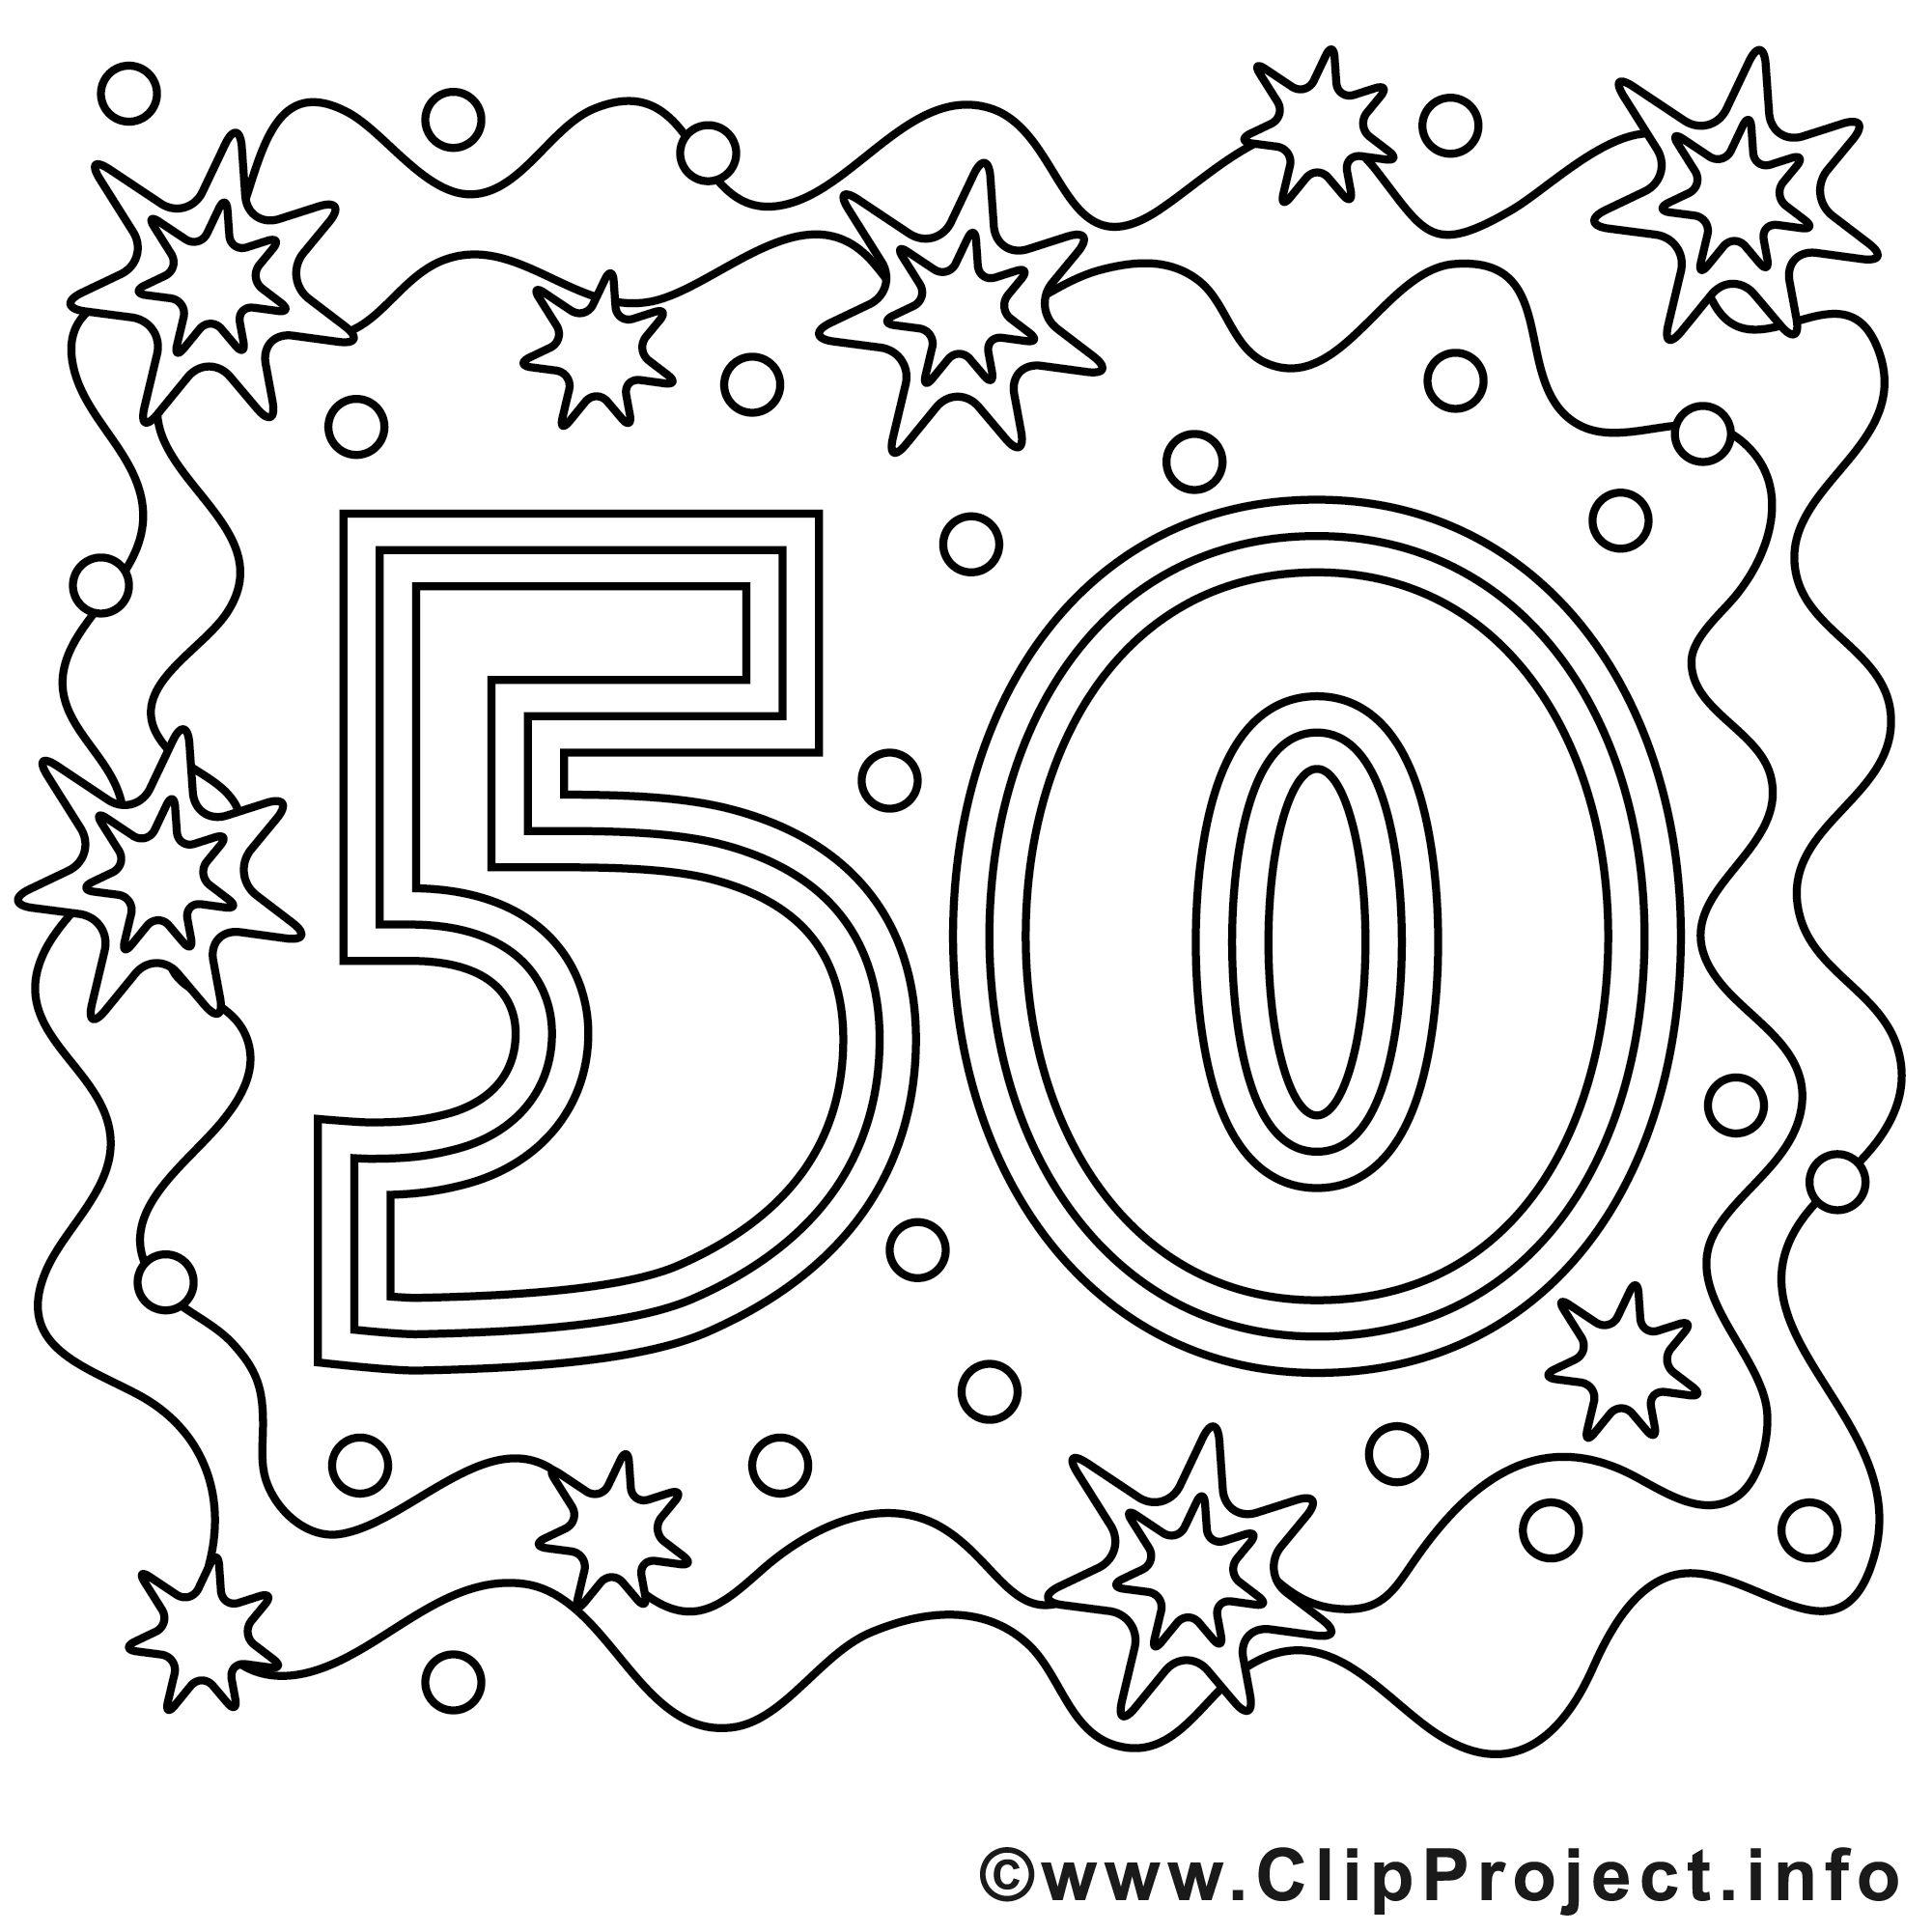 malvorlagen erwachsene 50 x 60